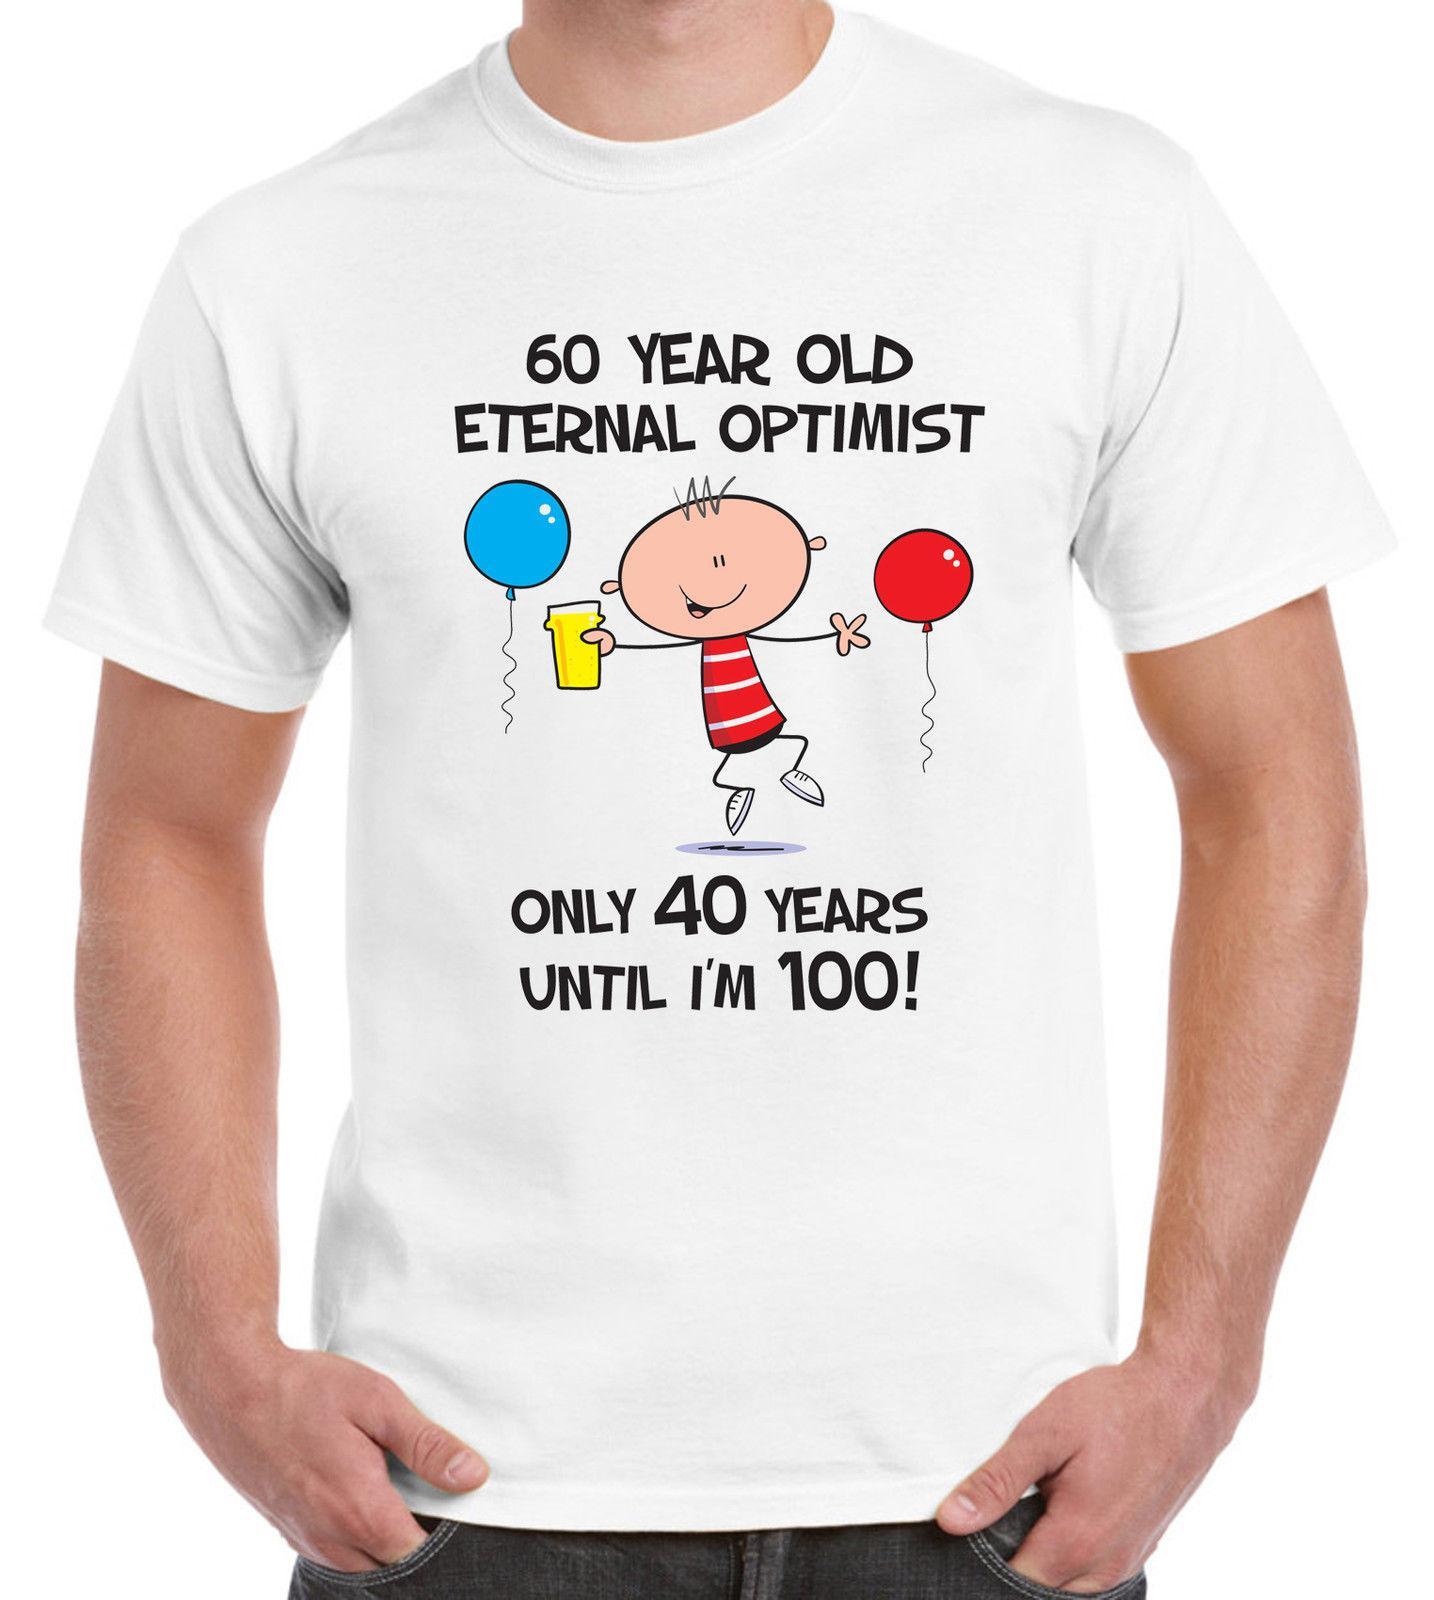 ETERNAL OPTIMIST FOR 60 YEARS 60TH BIRTHDAY MEN T SHIRT Gift Present